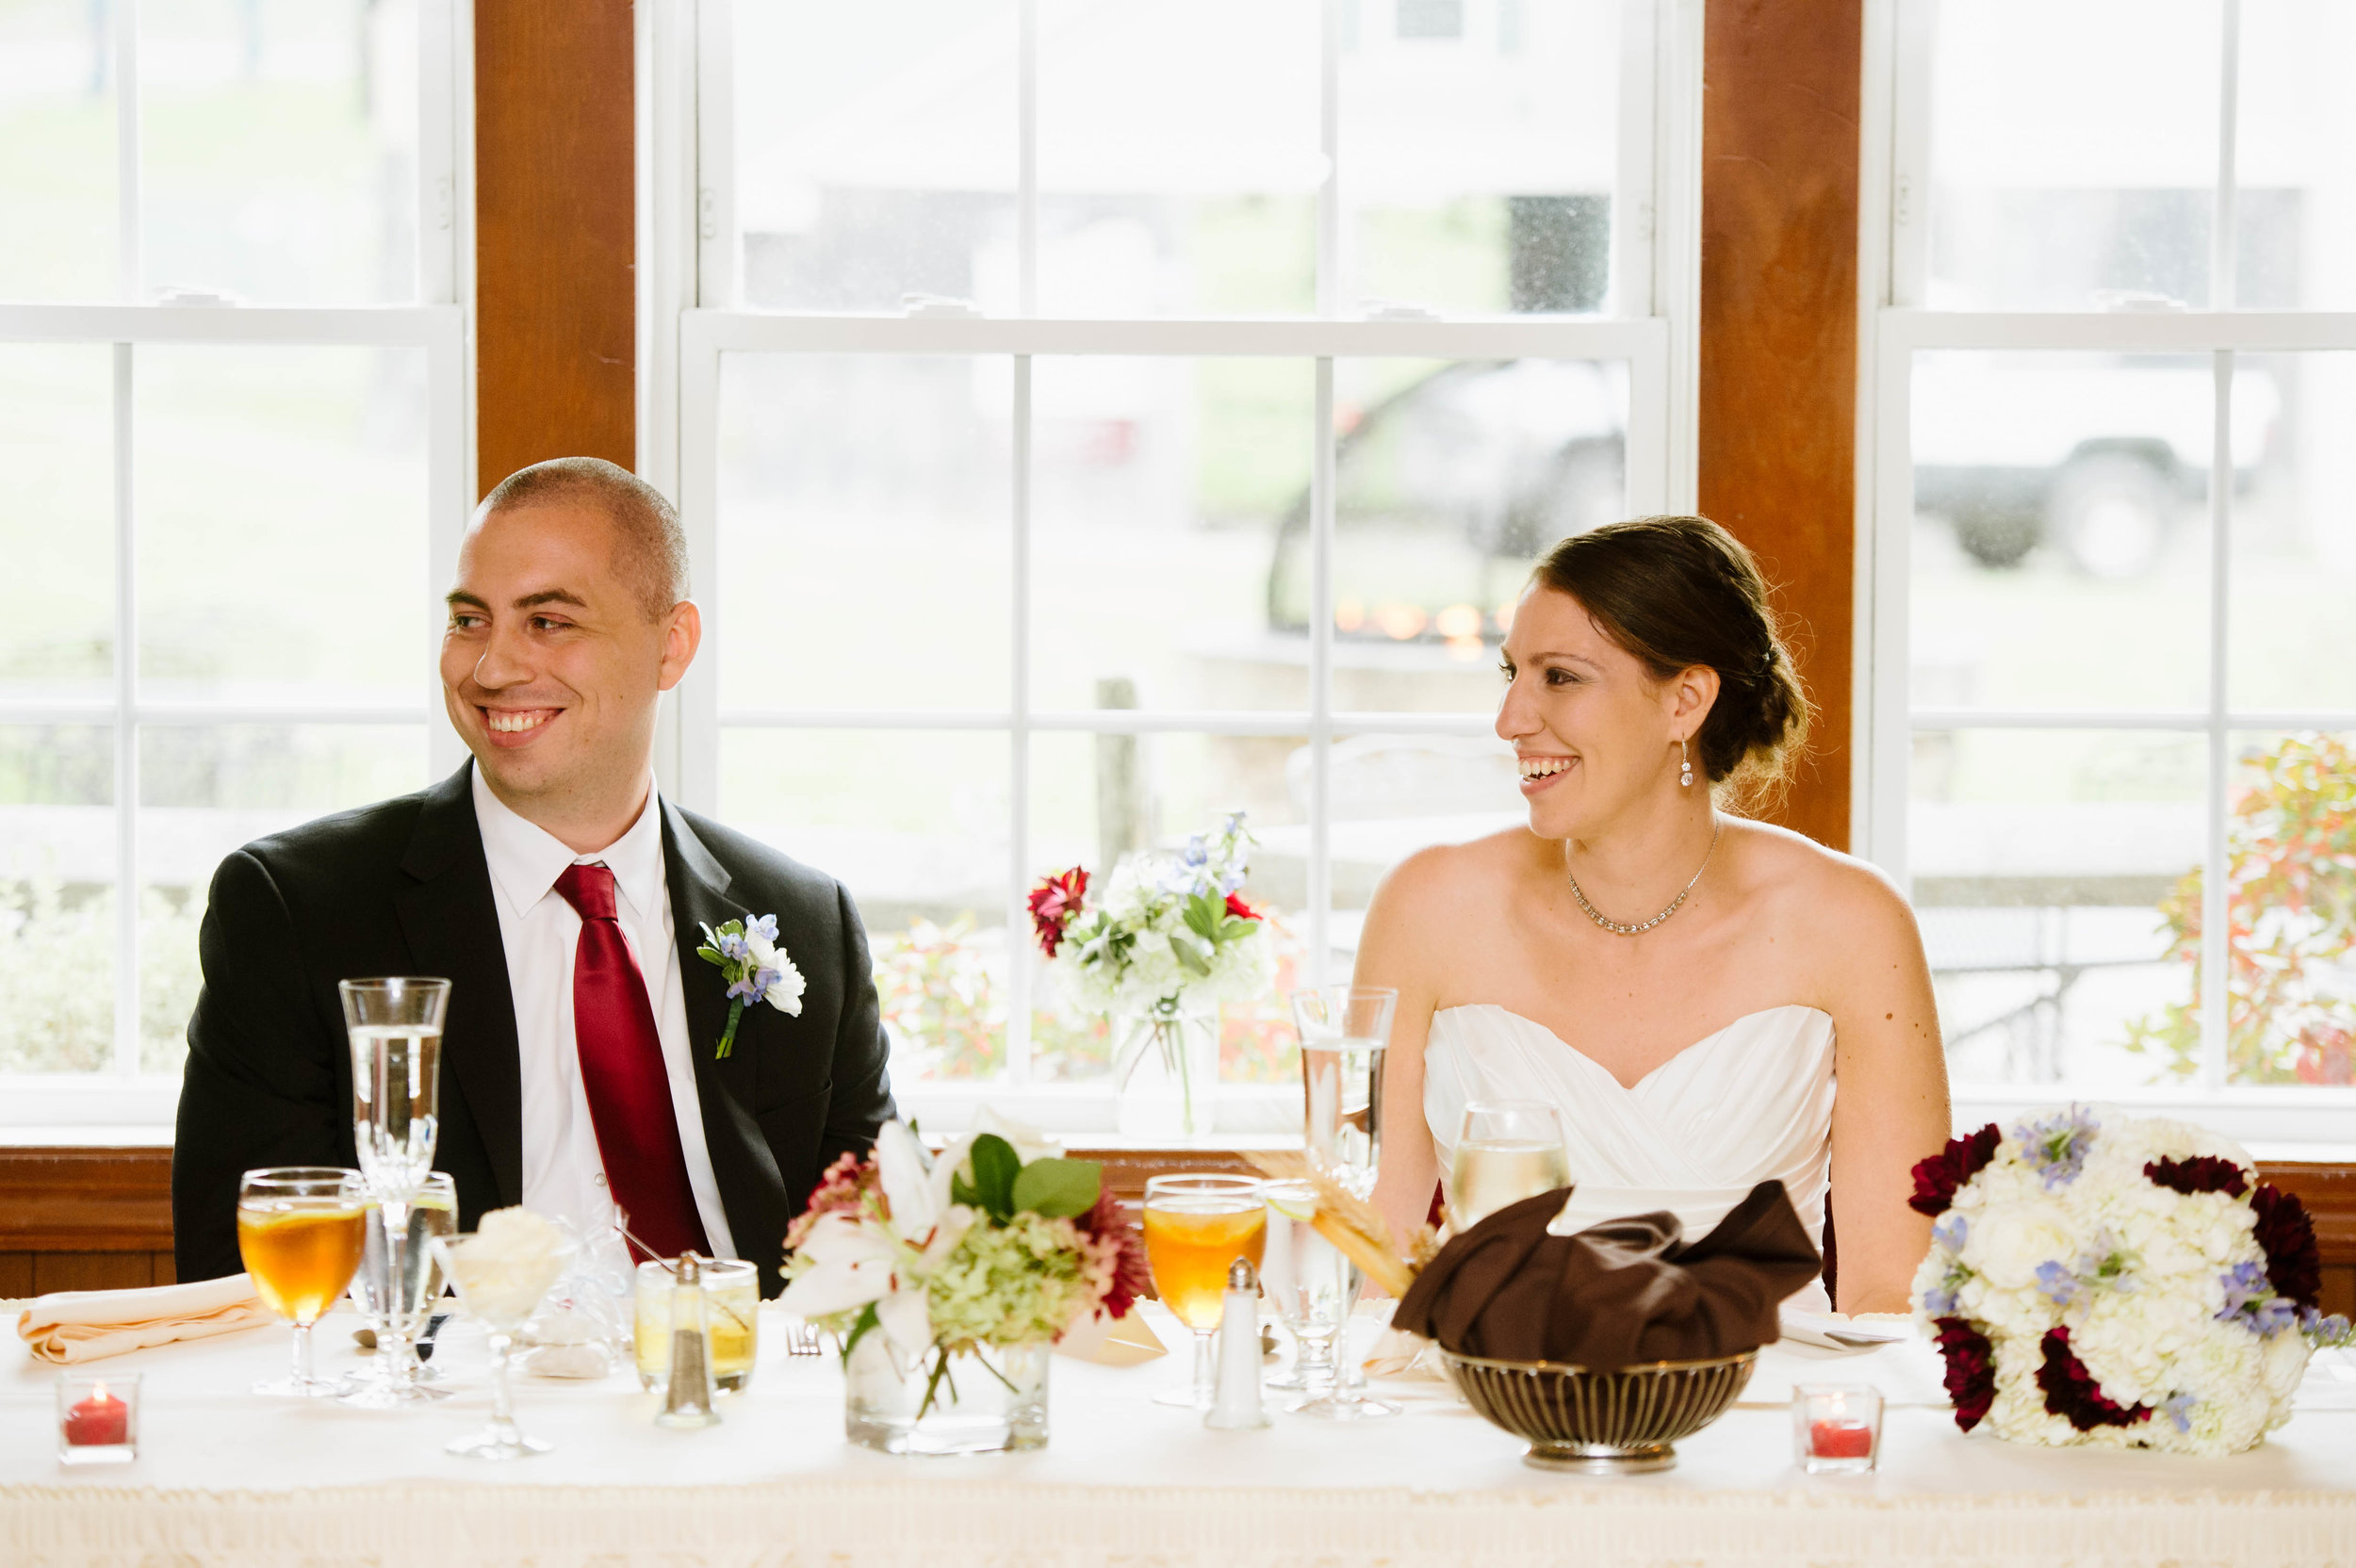 Candid-Wedding-Photography-Massachusetts016.jpg